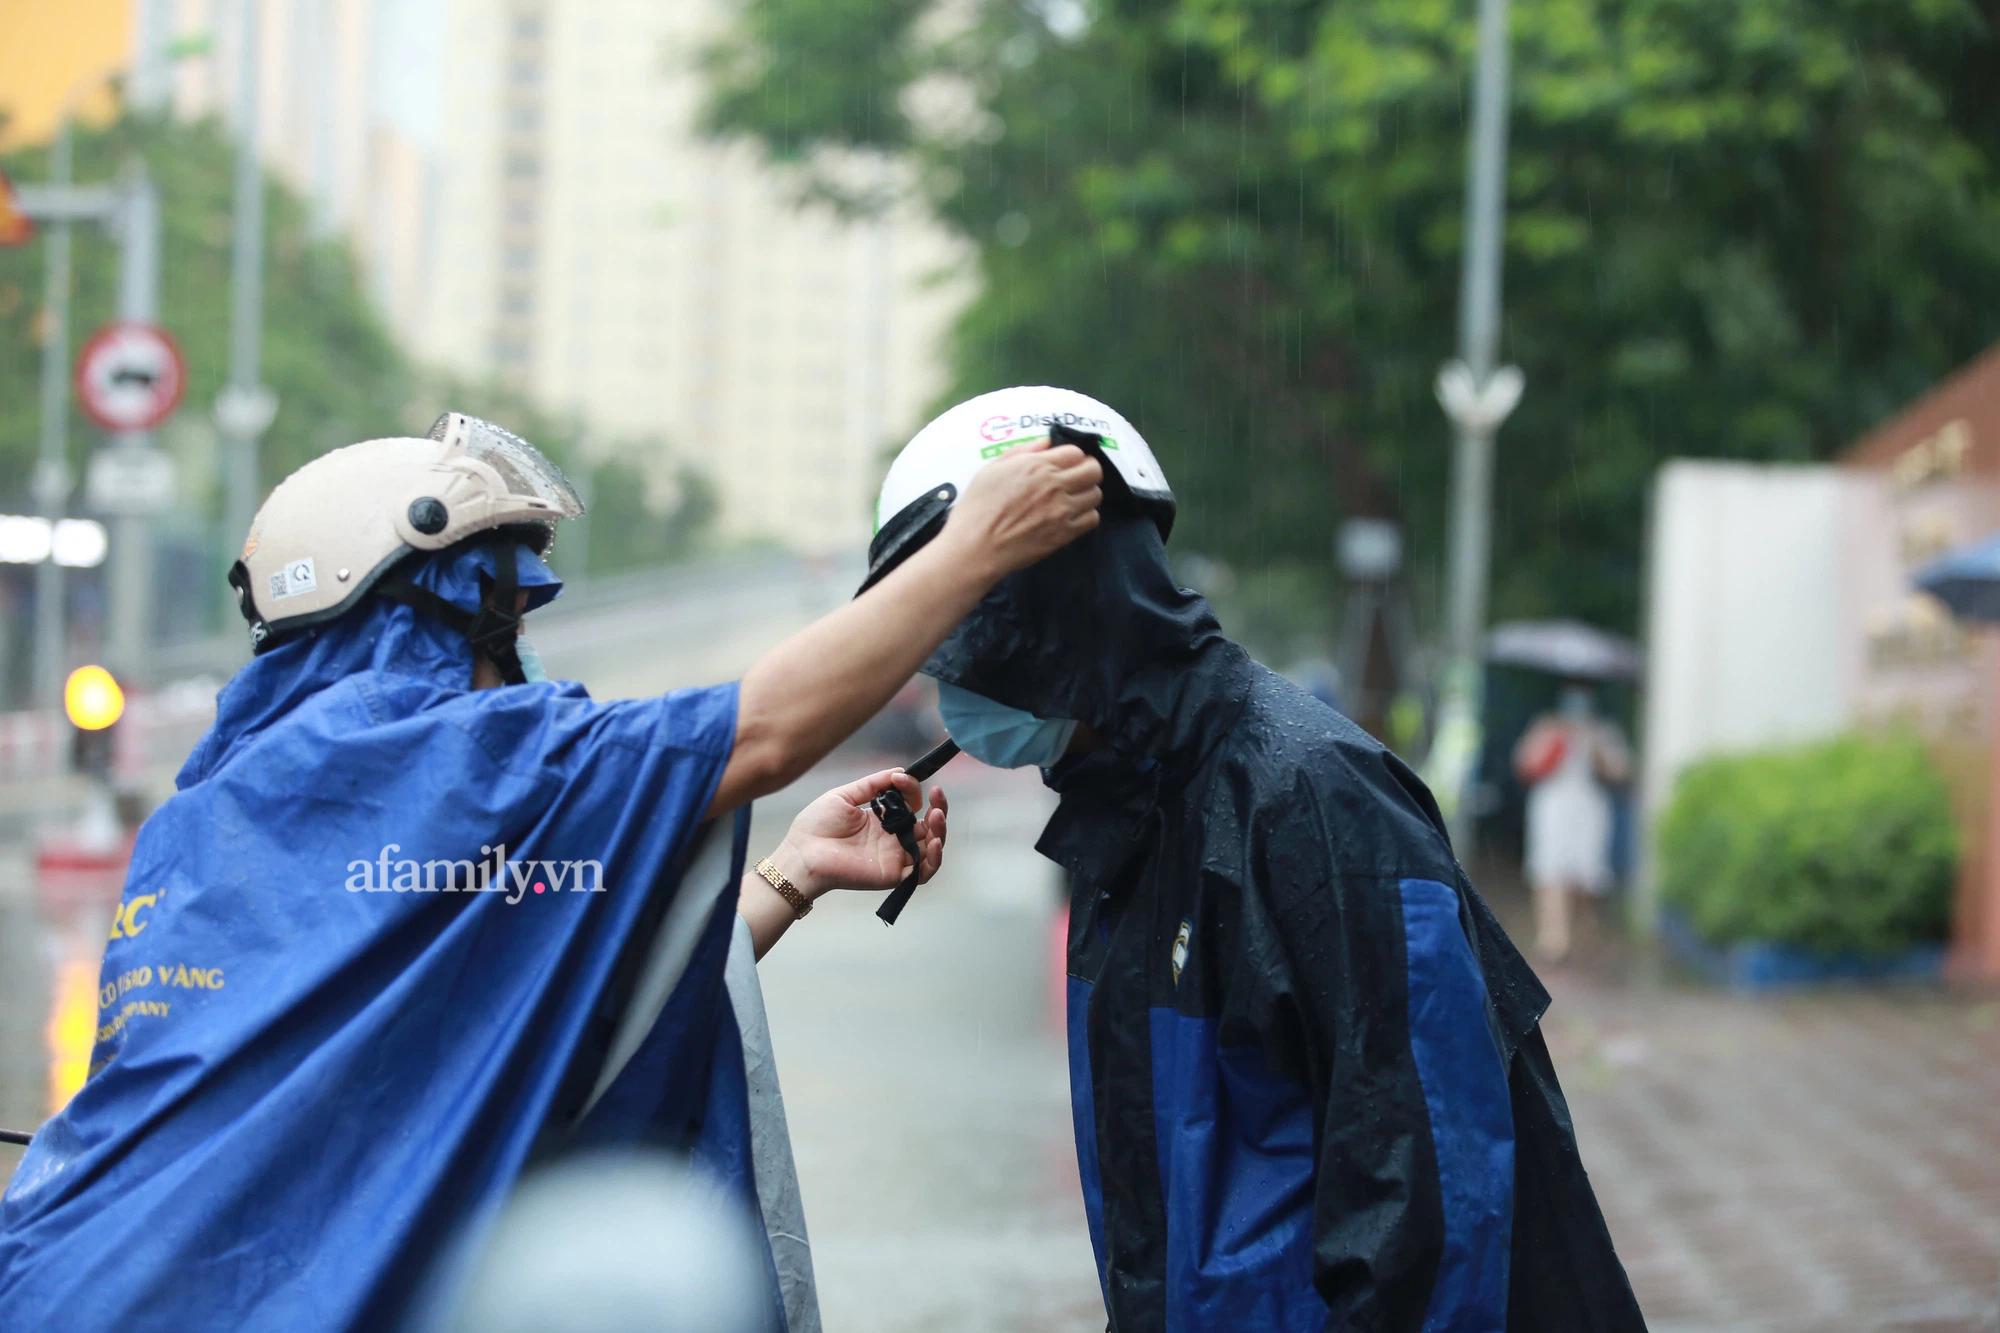 Mưa lớn như trút nước sáng 12/6, phụ huynh Hà Nội xách dép, đội mưa đưa con đi thi vào lớp 10 - Ảnh 3.